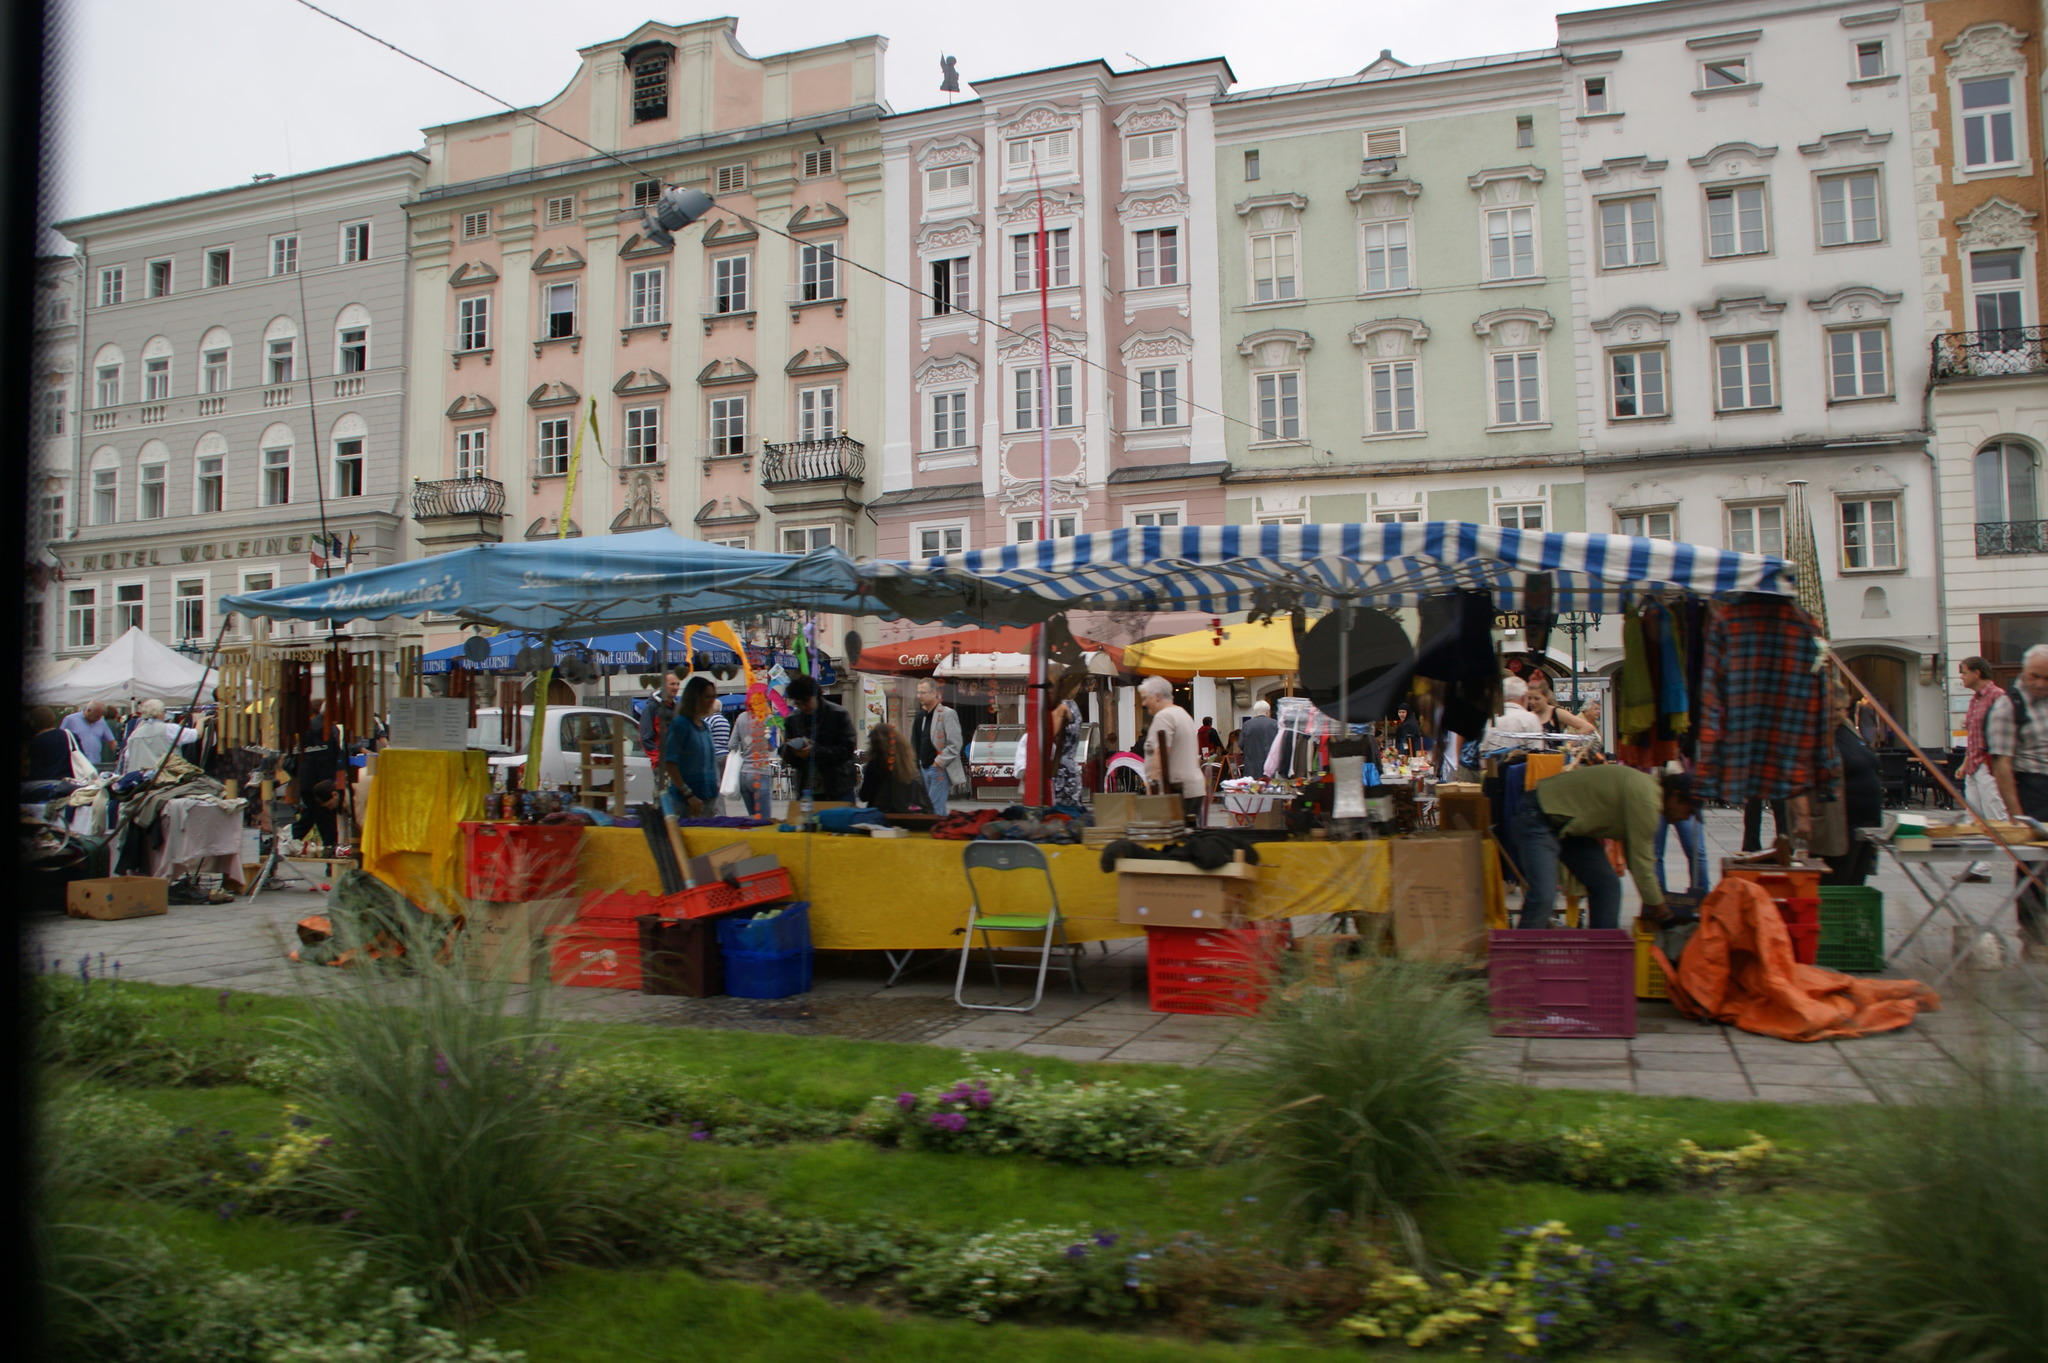 linz flohmarkt am samstag bersiedelt auf hauptplatz linz. Black Bedroom Furniture Sets. Home Design Ideas